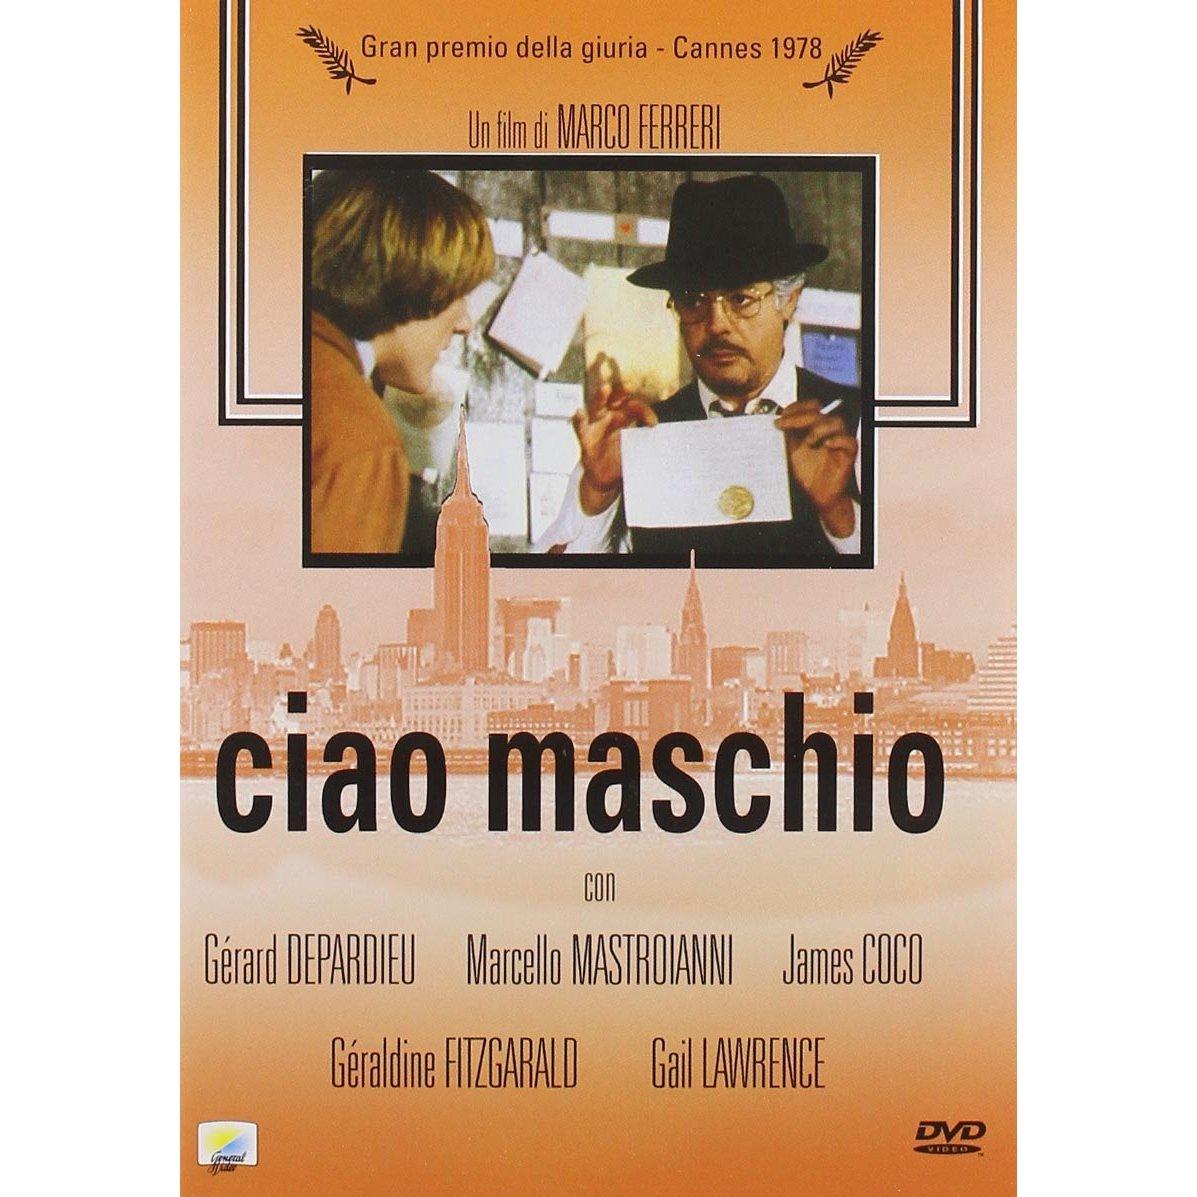 Ciao maschio - 1978